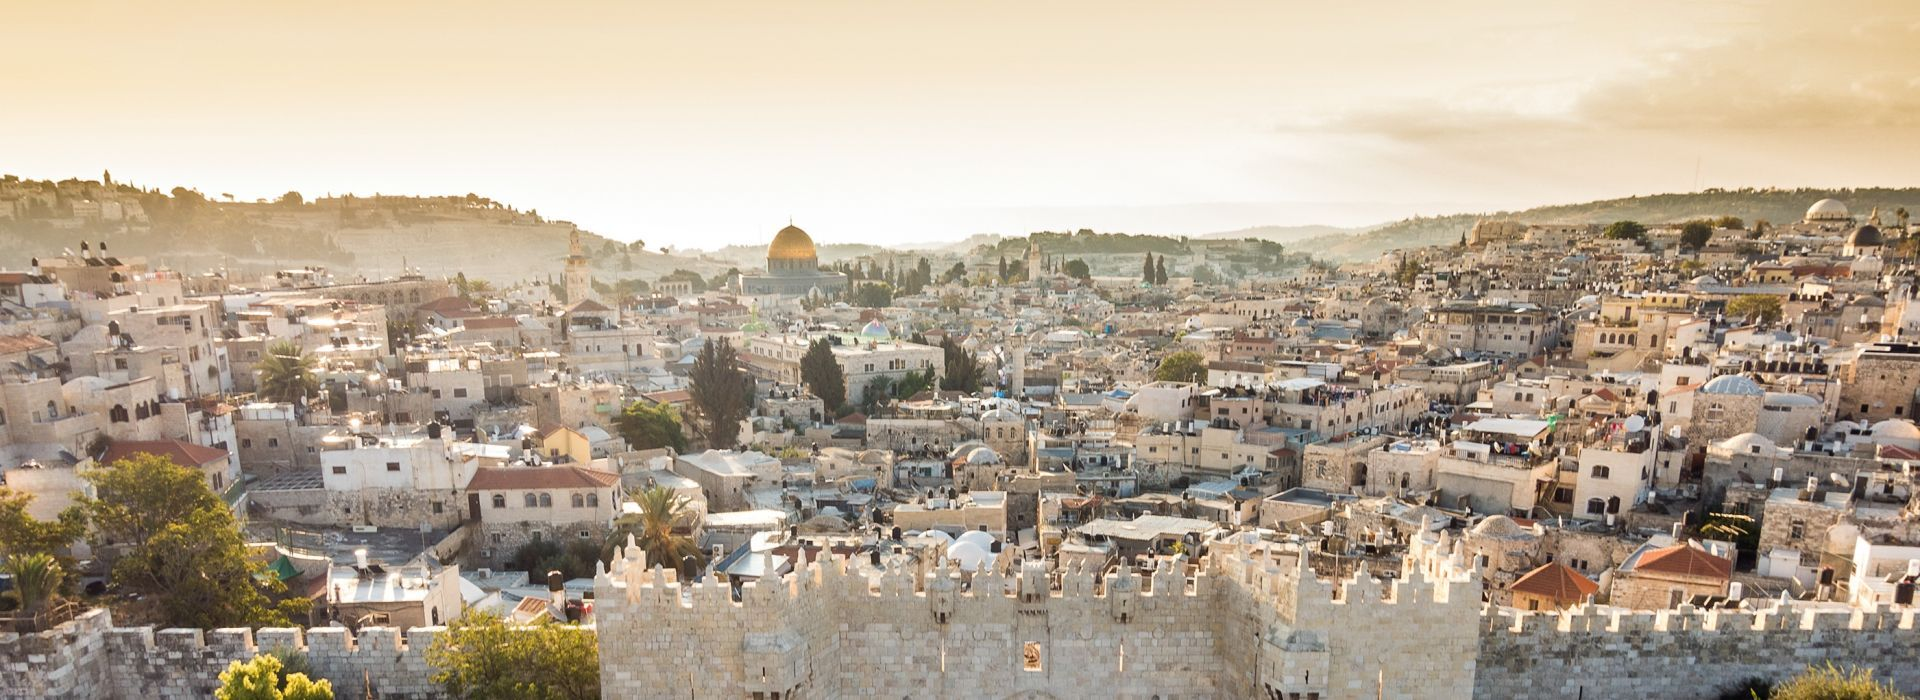 Explorer Tours in Jerusalem